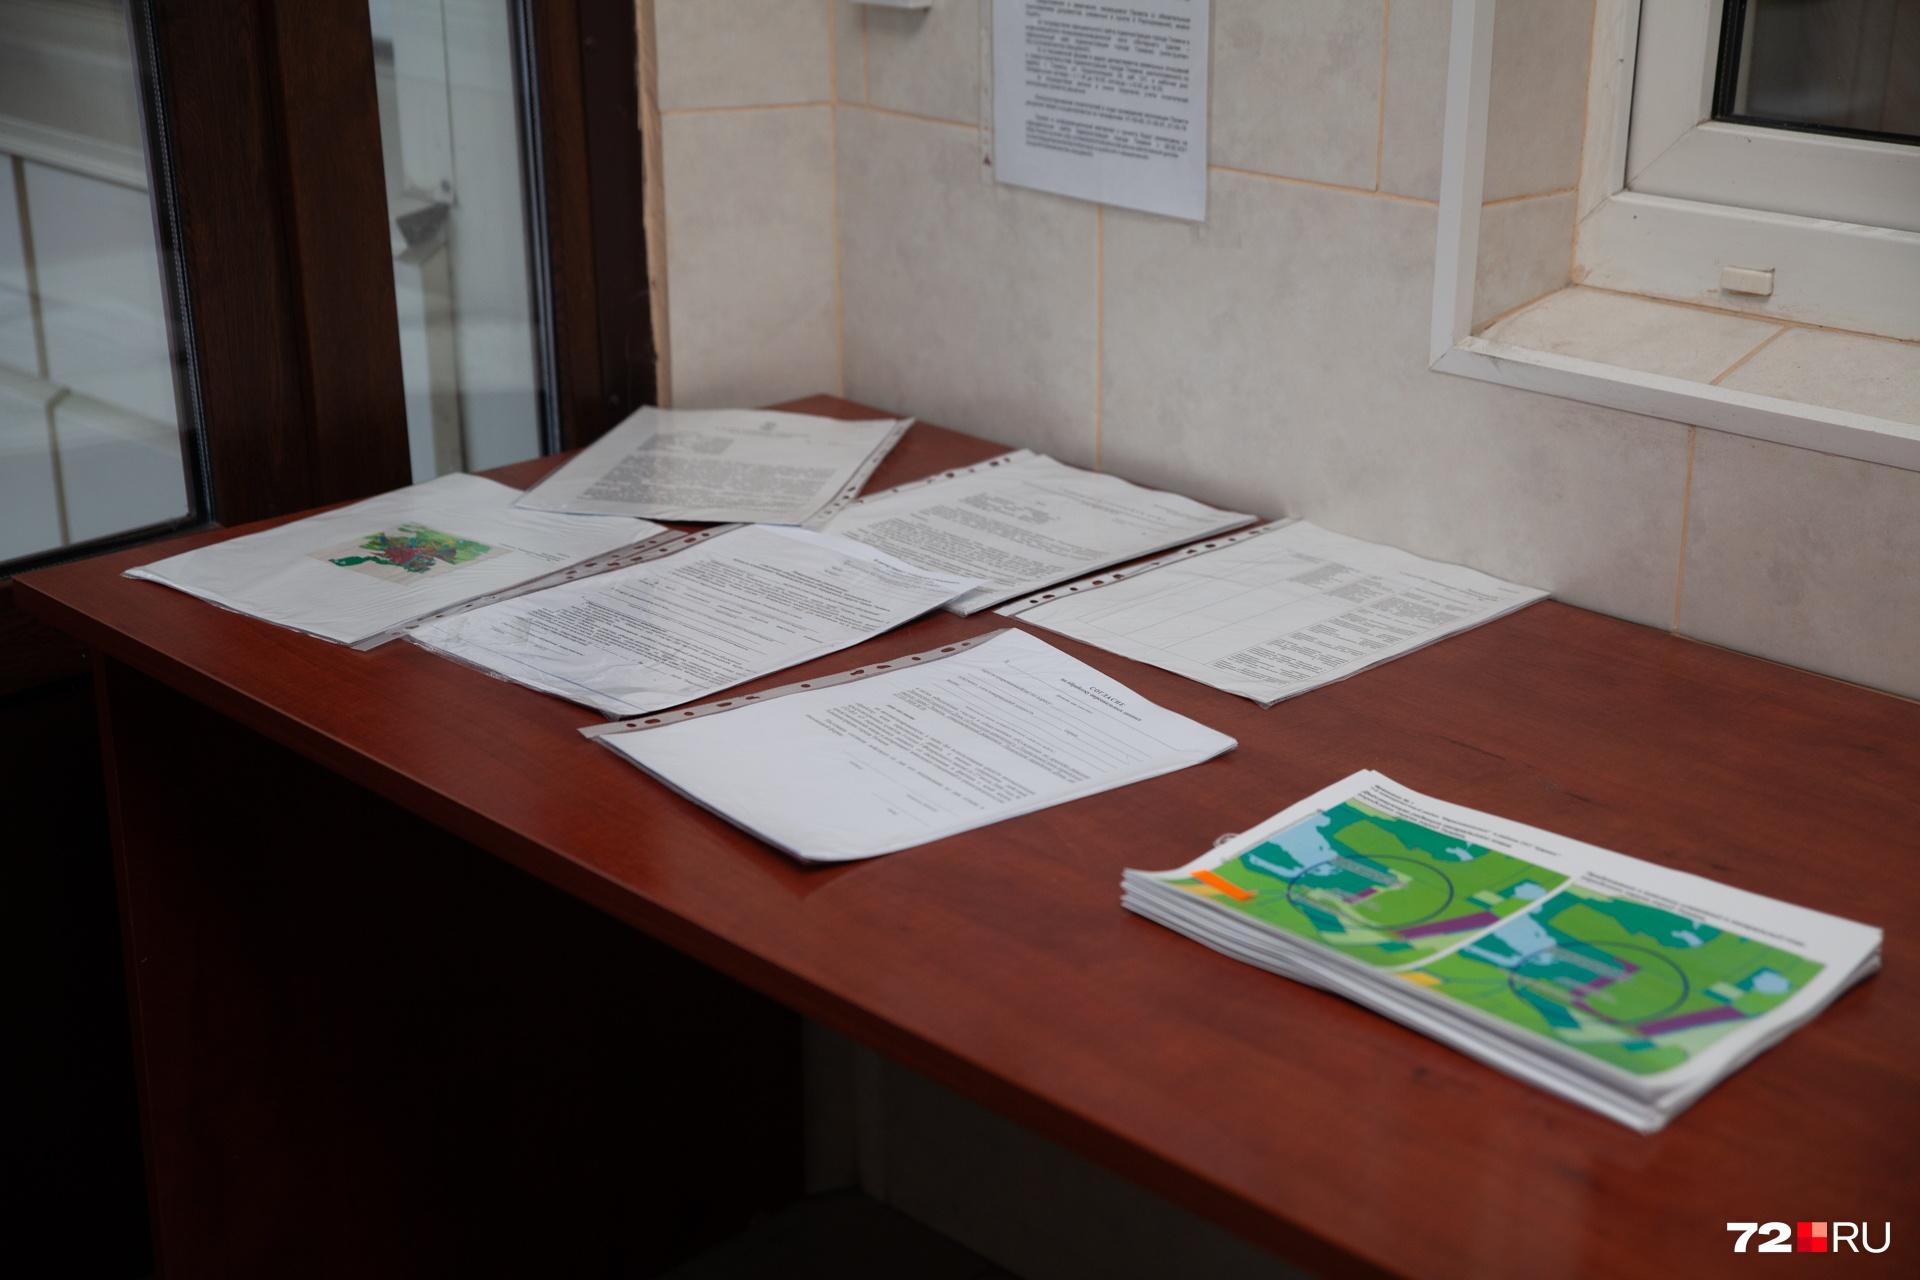 Прямо на входе есть эскизы, пояснения и формы для внесения предложений